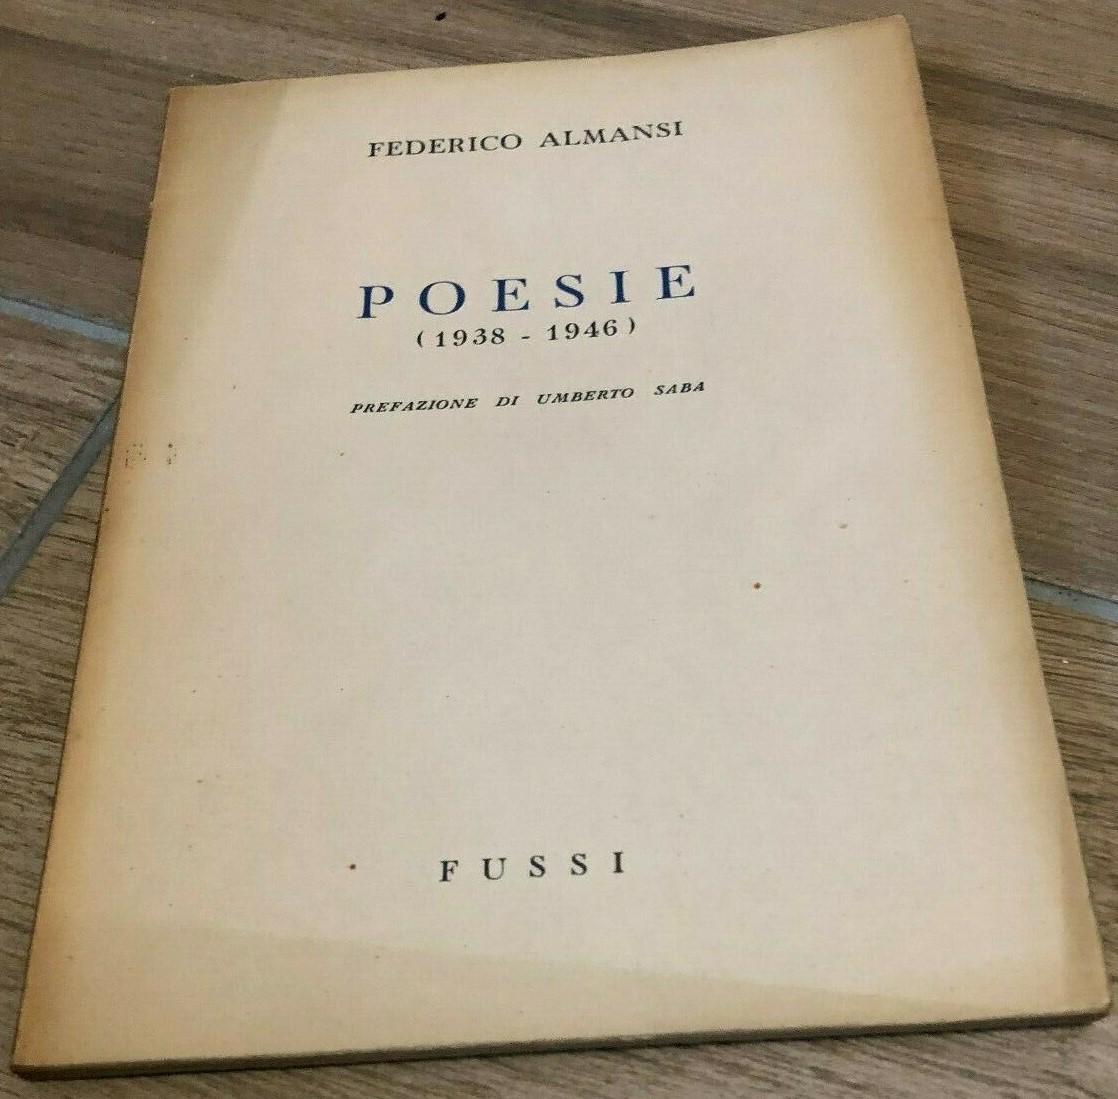 """Eccolo, finalmente: """"Poesie"""" di Federico Almansi, il libro del pupillo di Umberto Saba"""